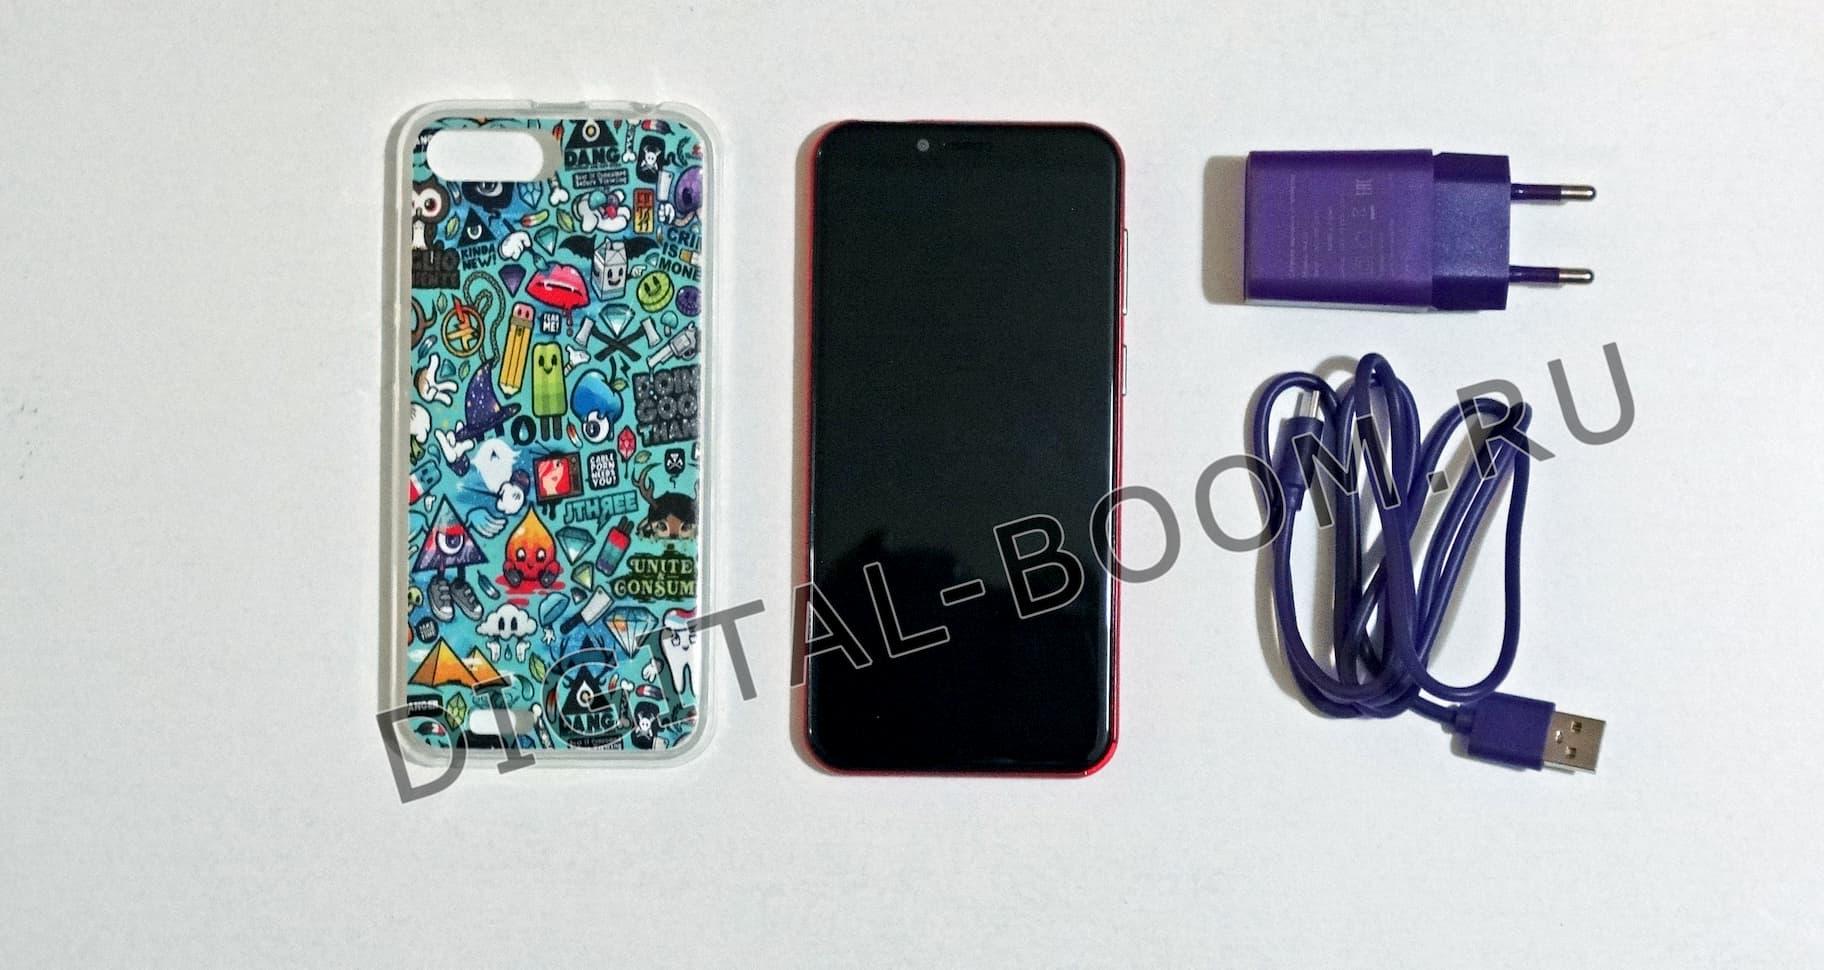 недорогой смартфон для школьника